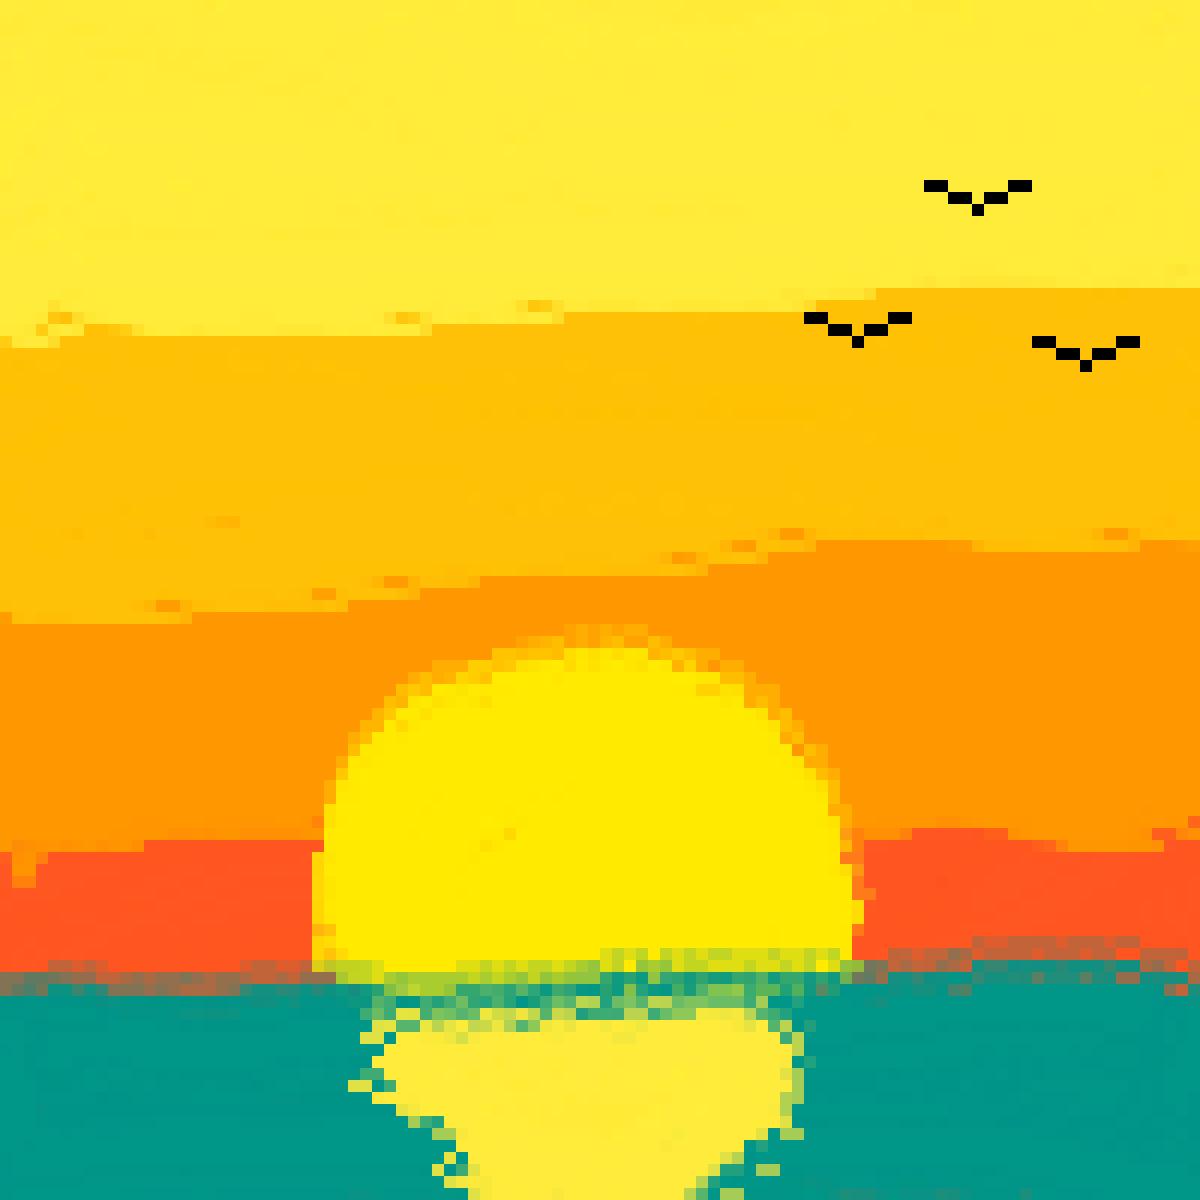 sol by Daesook